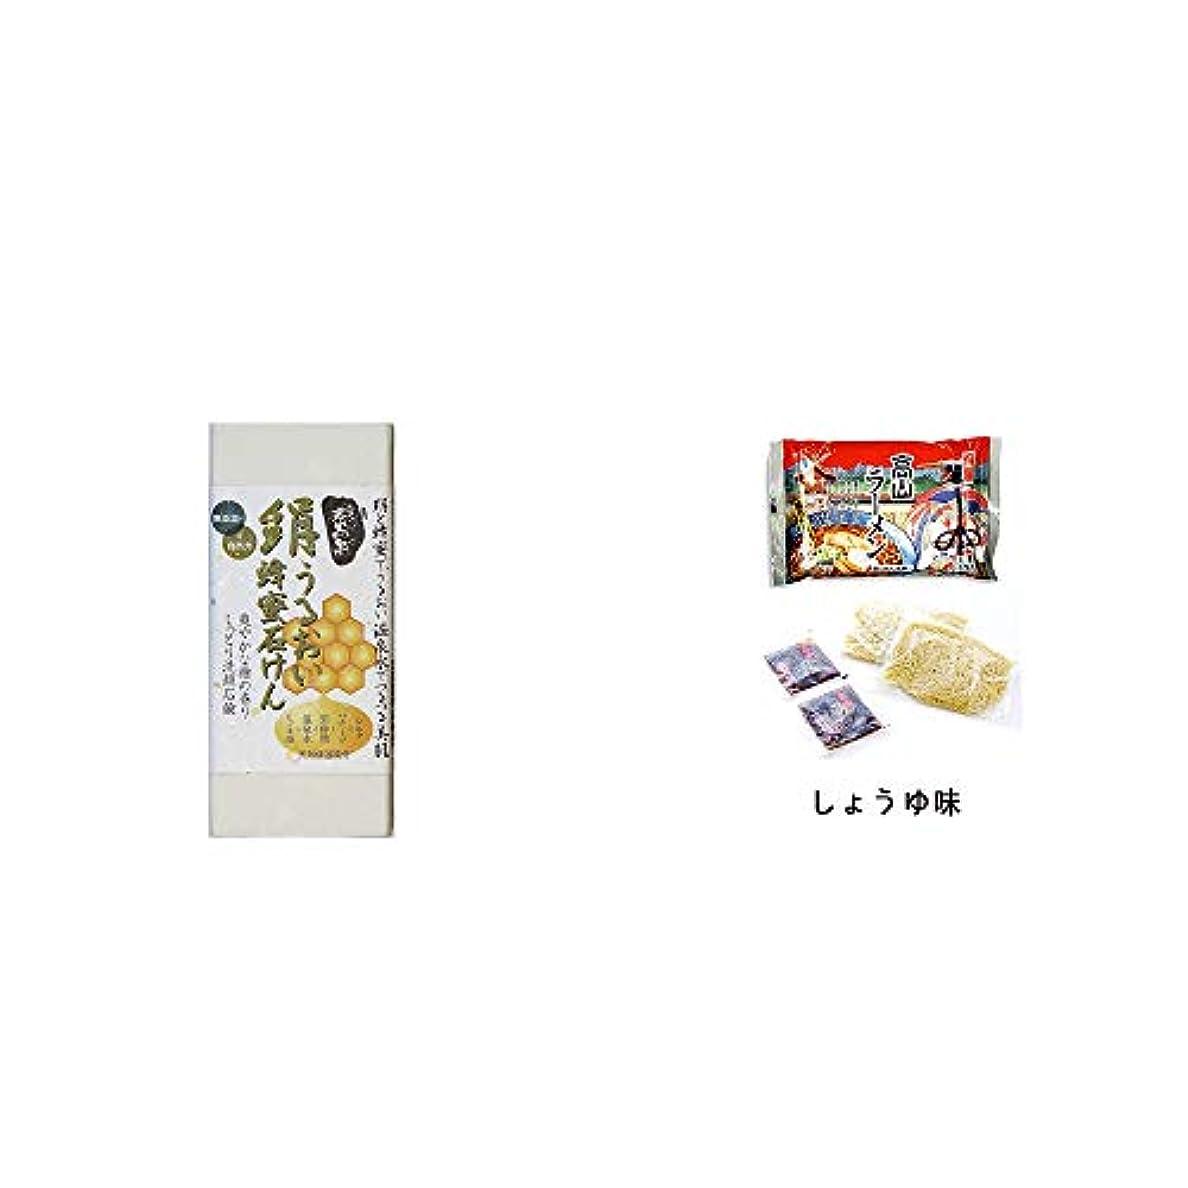 王位バング軽減[2点セット] ひのき炭黒泉 絹うるおい蜂蜜石けん(75g×2)?飛騨高山ラーメン[生麺?スープ付 (しょうゆ味)]